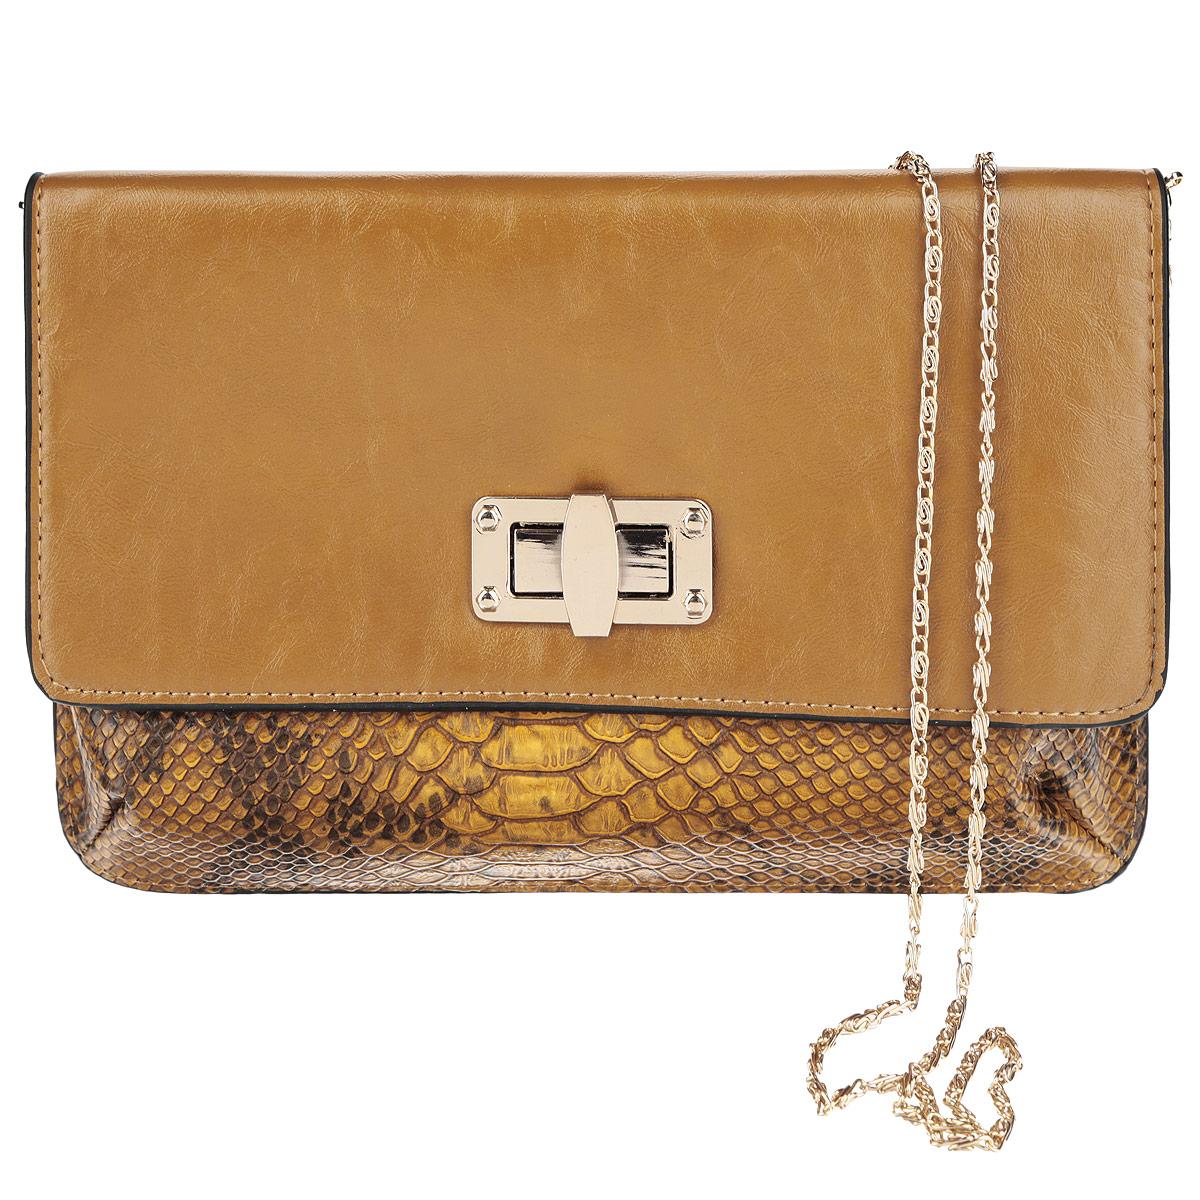 Сумка-клатч театральная Selena, цвет: желто-коричневый. 90055731101225Элегантная женская сумка-клатч Selena выполнена из искусственной кожи и оформлена тиснением под рептилию. Изделие закрывается клапаном на замок-вертушку и имеет съемный плечевой ремень-цепочку. Внутреннее отделение содержит вшитый карман на застежке-молнии. Изысканная сумка прекрасно дополнит ваш элегантный образ и подчеркнет безупречный вкус.